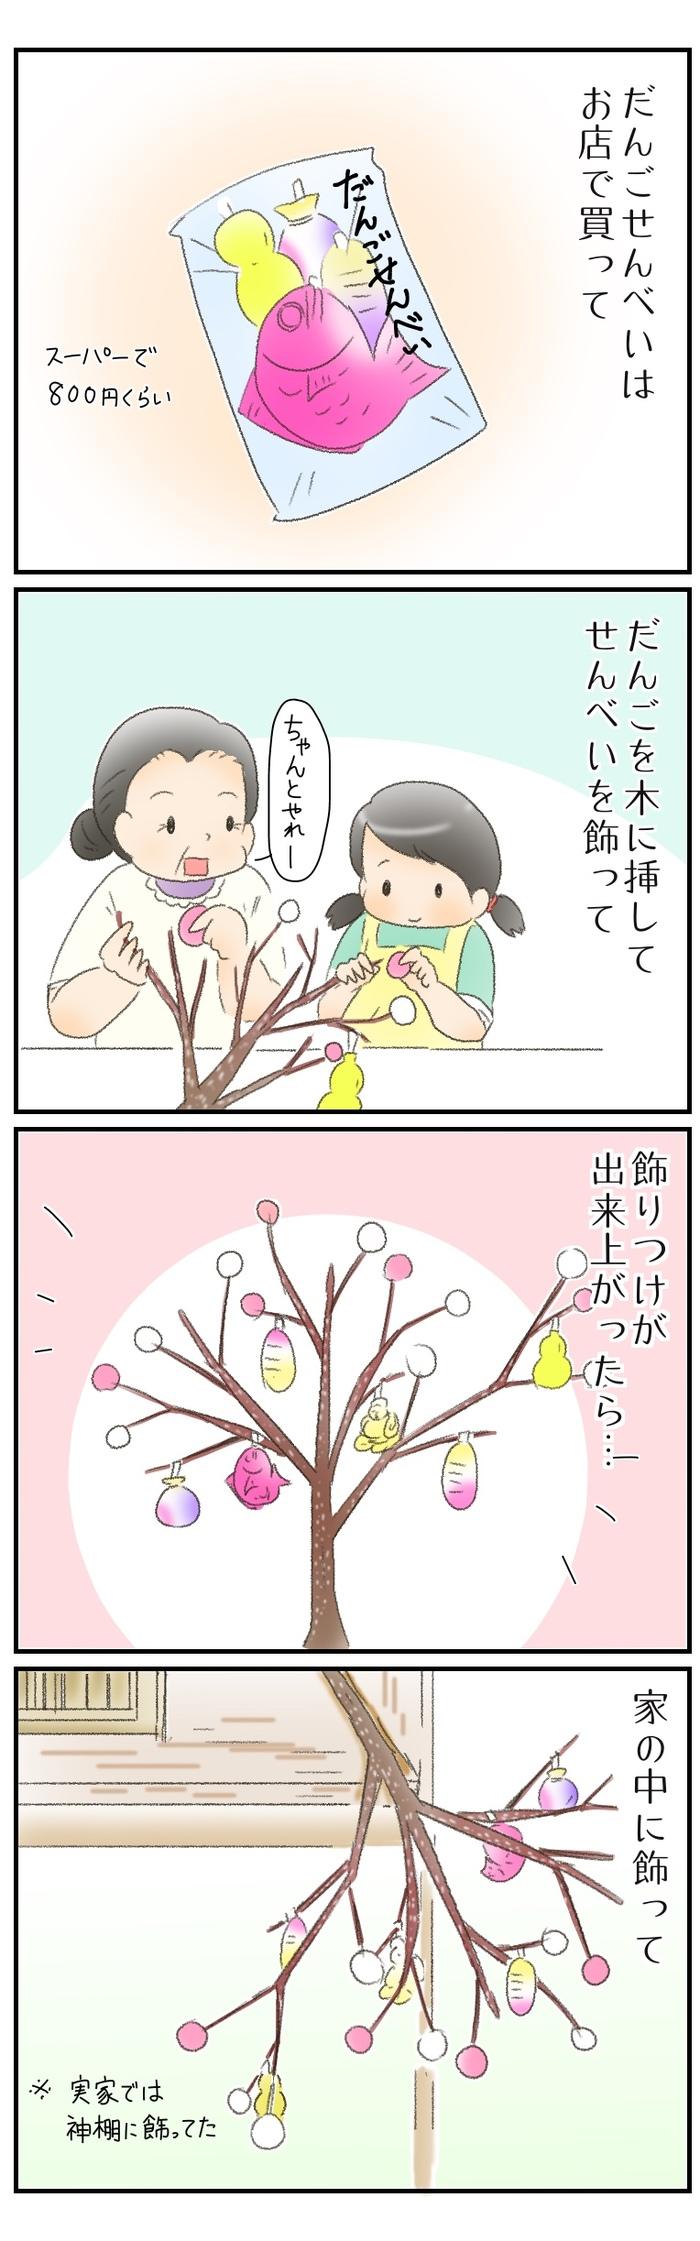 雪景色の季節に彩りを!福島の風習「だんごさし」で迎える小正月の画像3